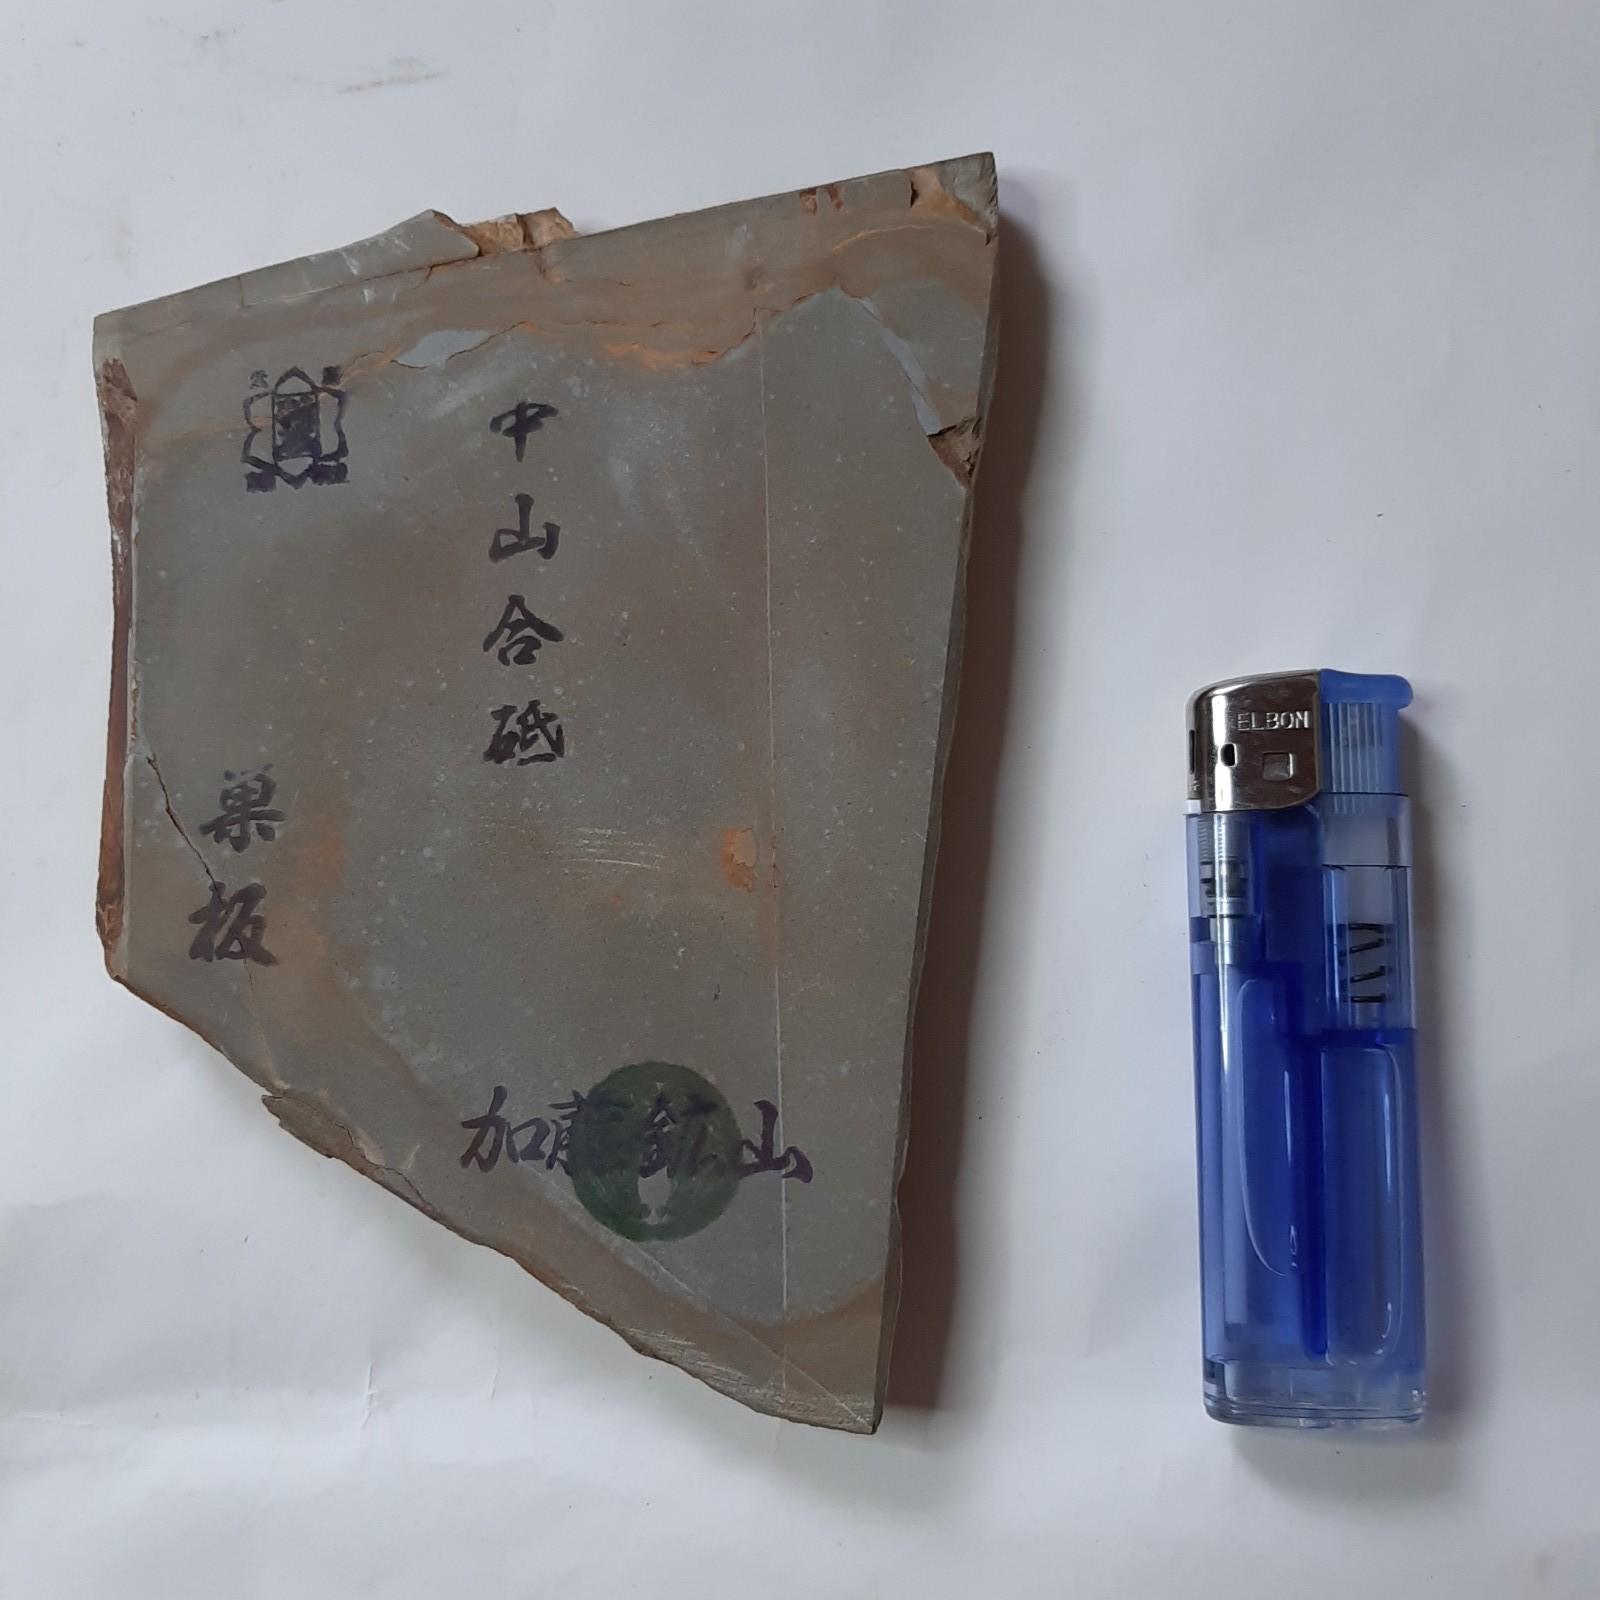 中山 コッパ No.216  巣板 【超仕上用天然砥石】